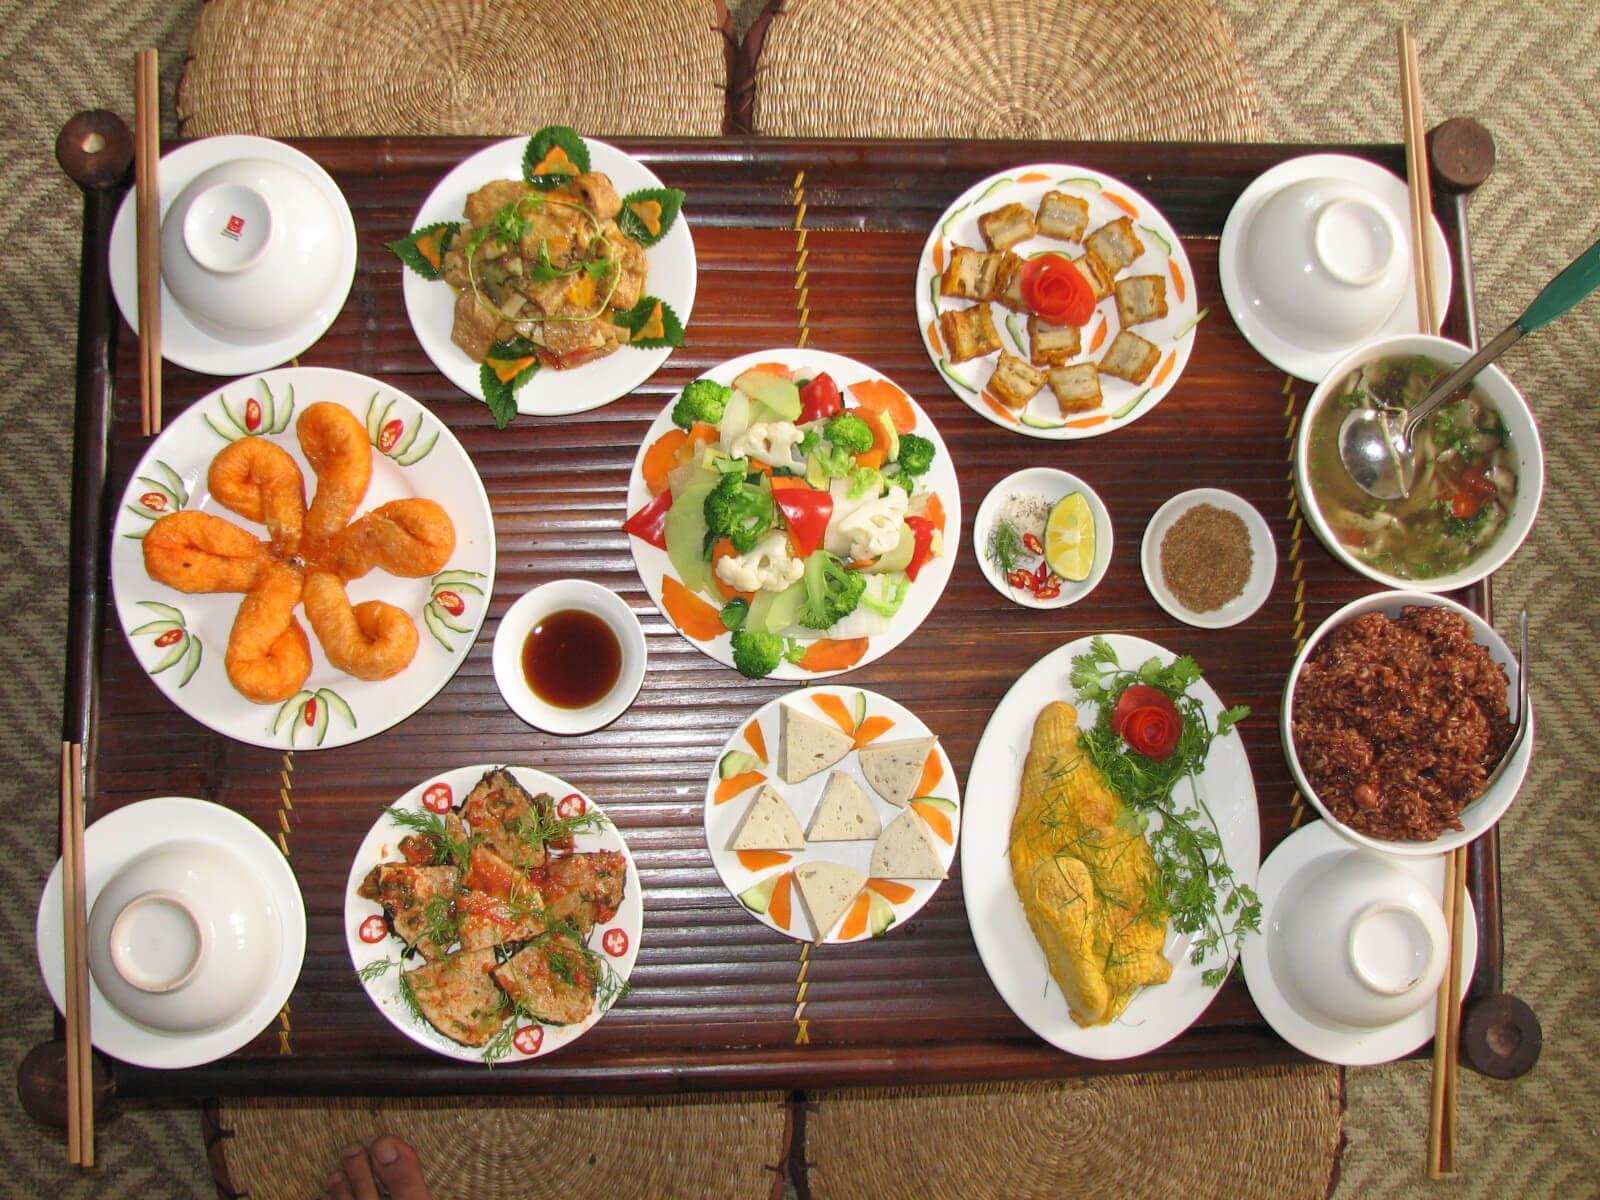 Ý nghĩa của tục ăn chay trong ngày lễ Vu Lan